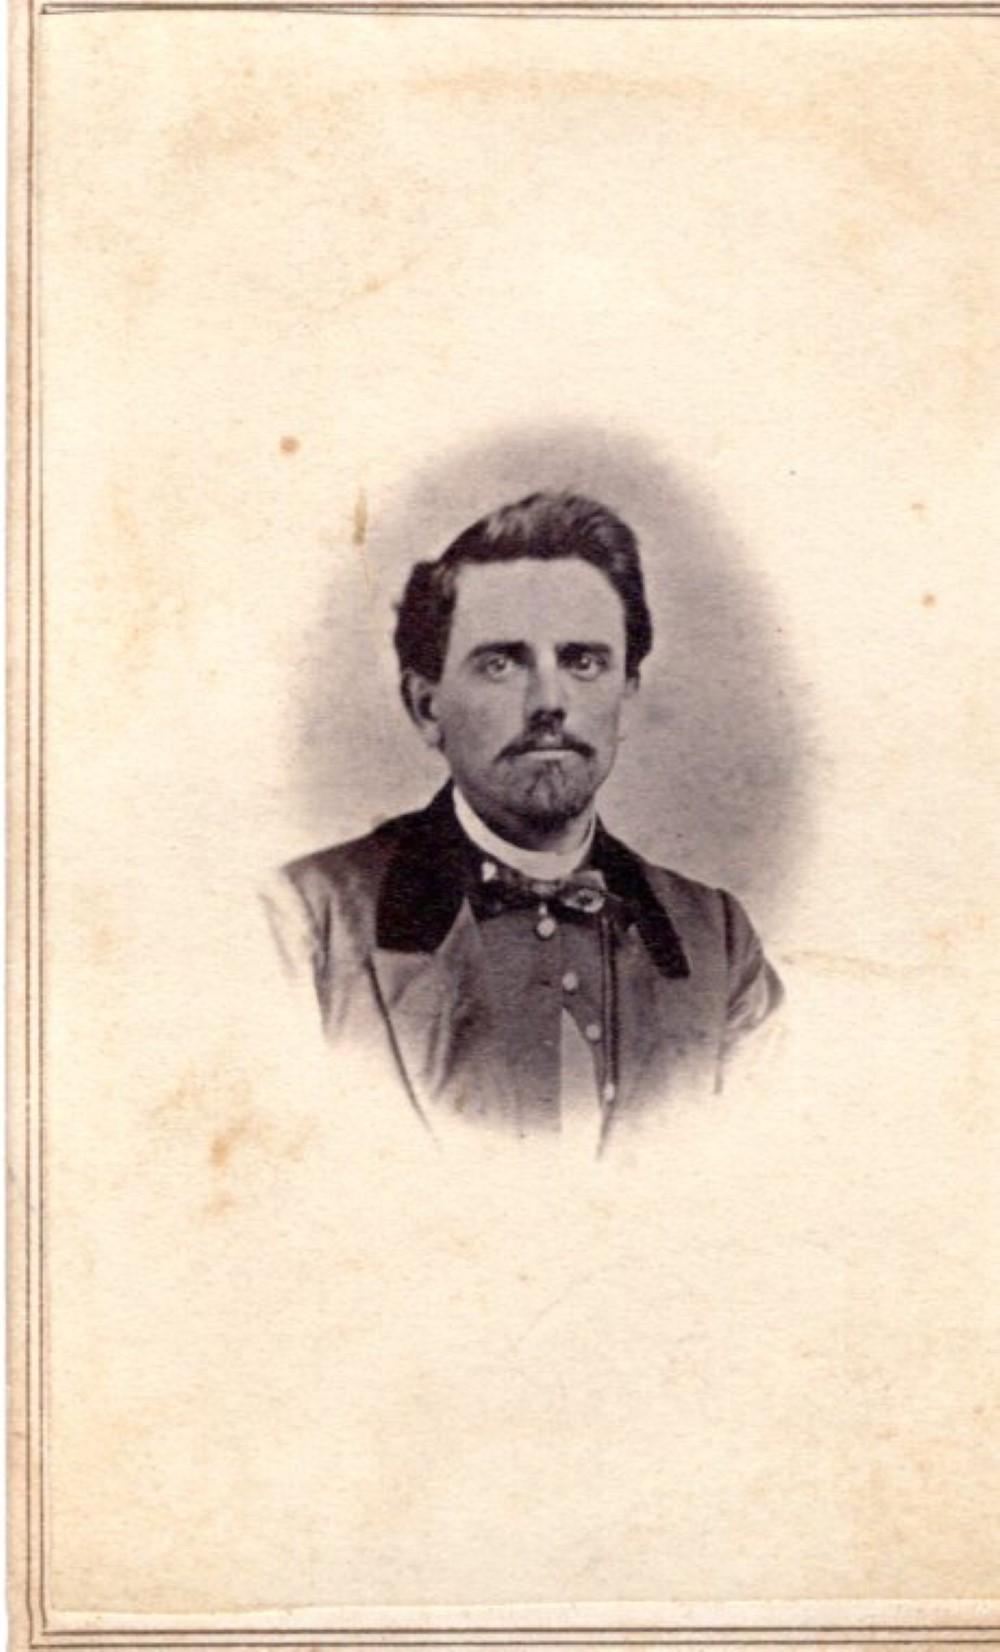 Union soldier CDV